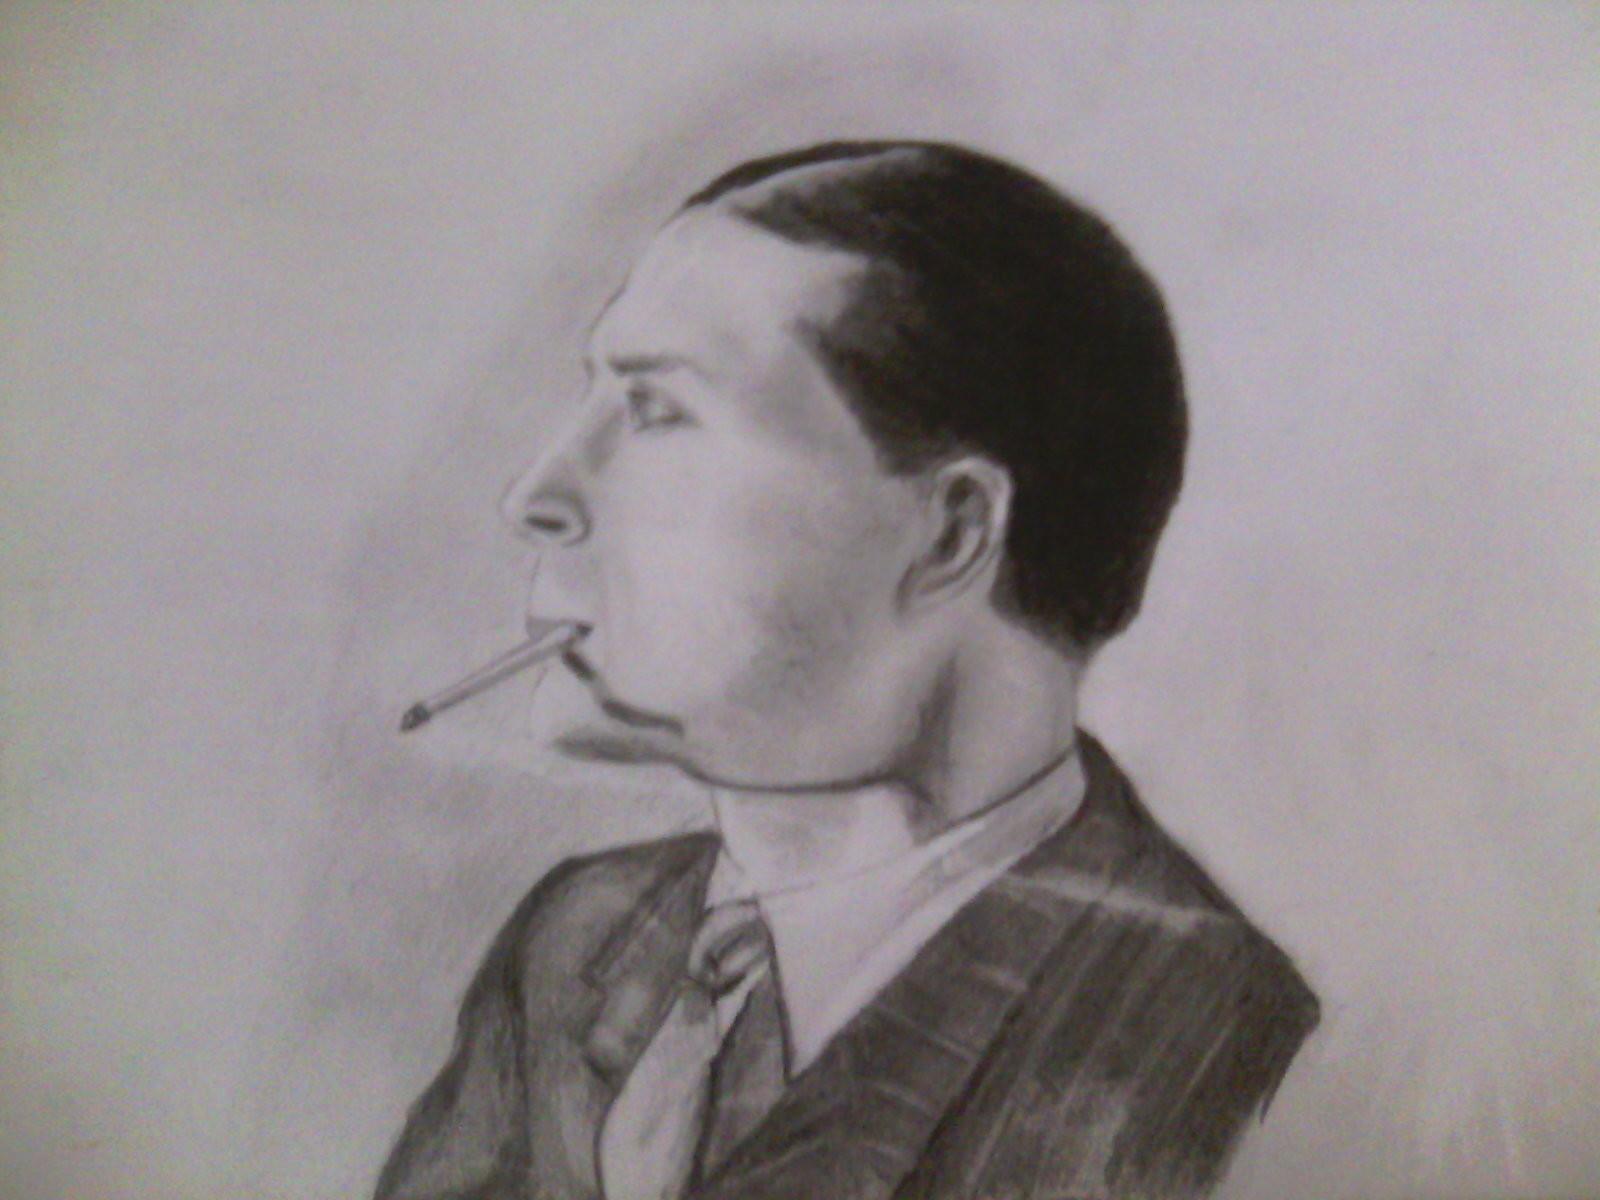 Portuguese Man 1930